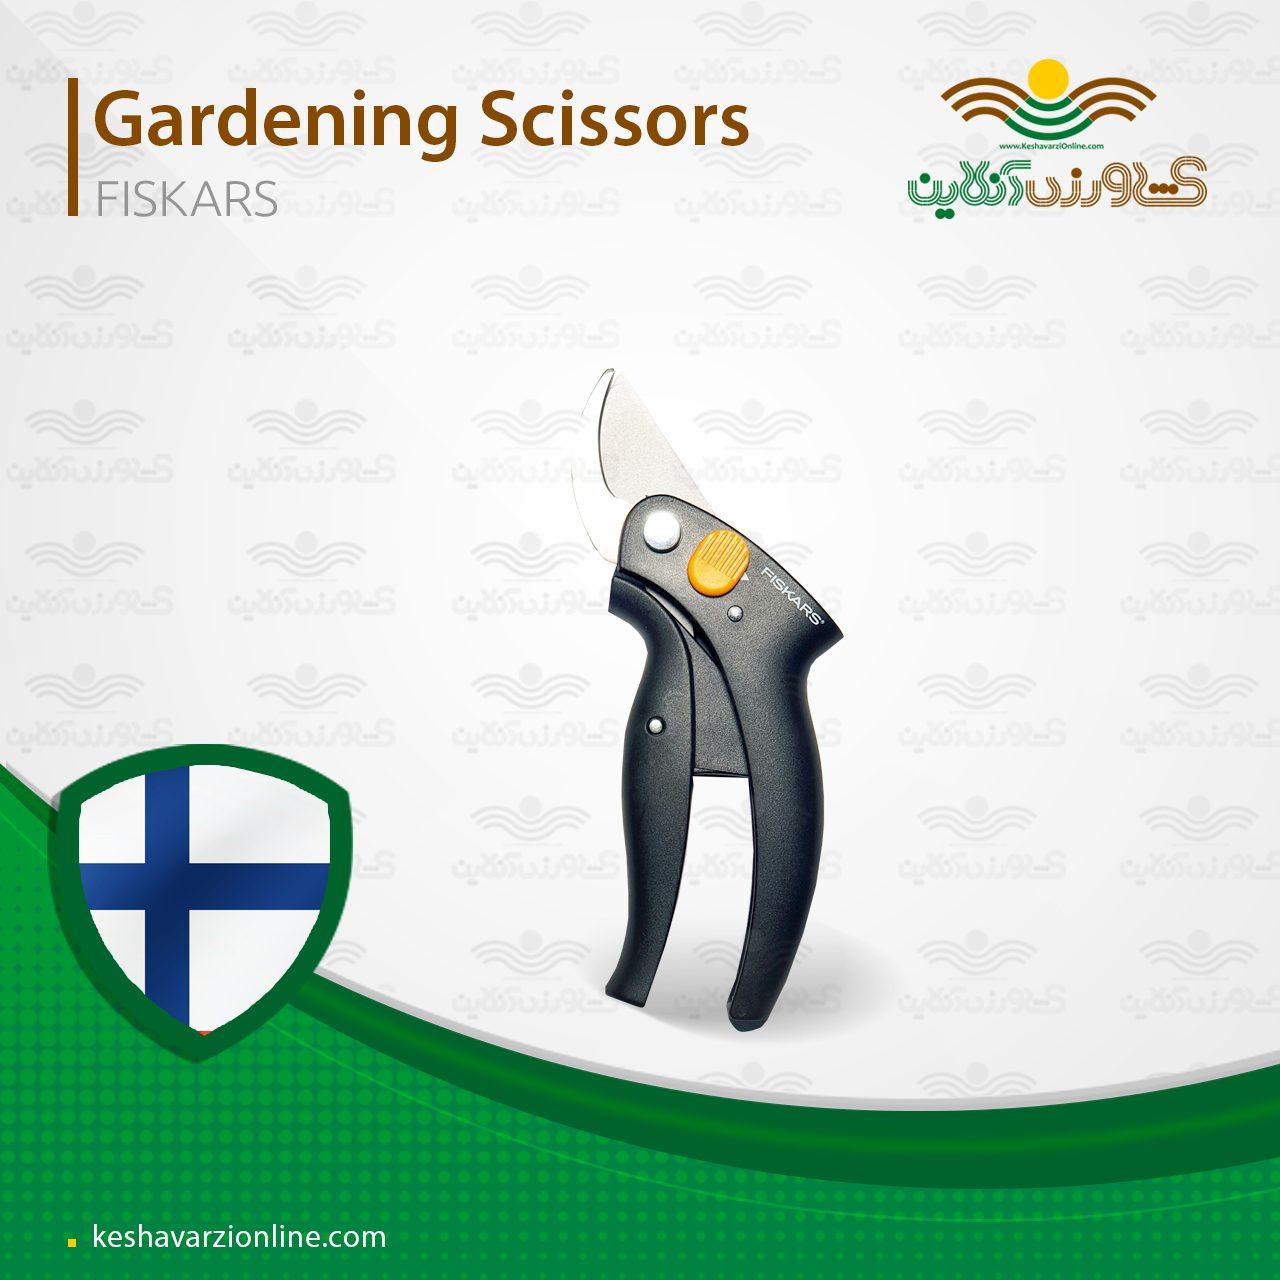 قیچی باغبانی فیسگارس ویژه باغداران حرفه ای